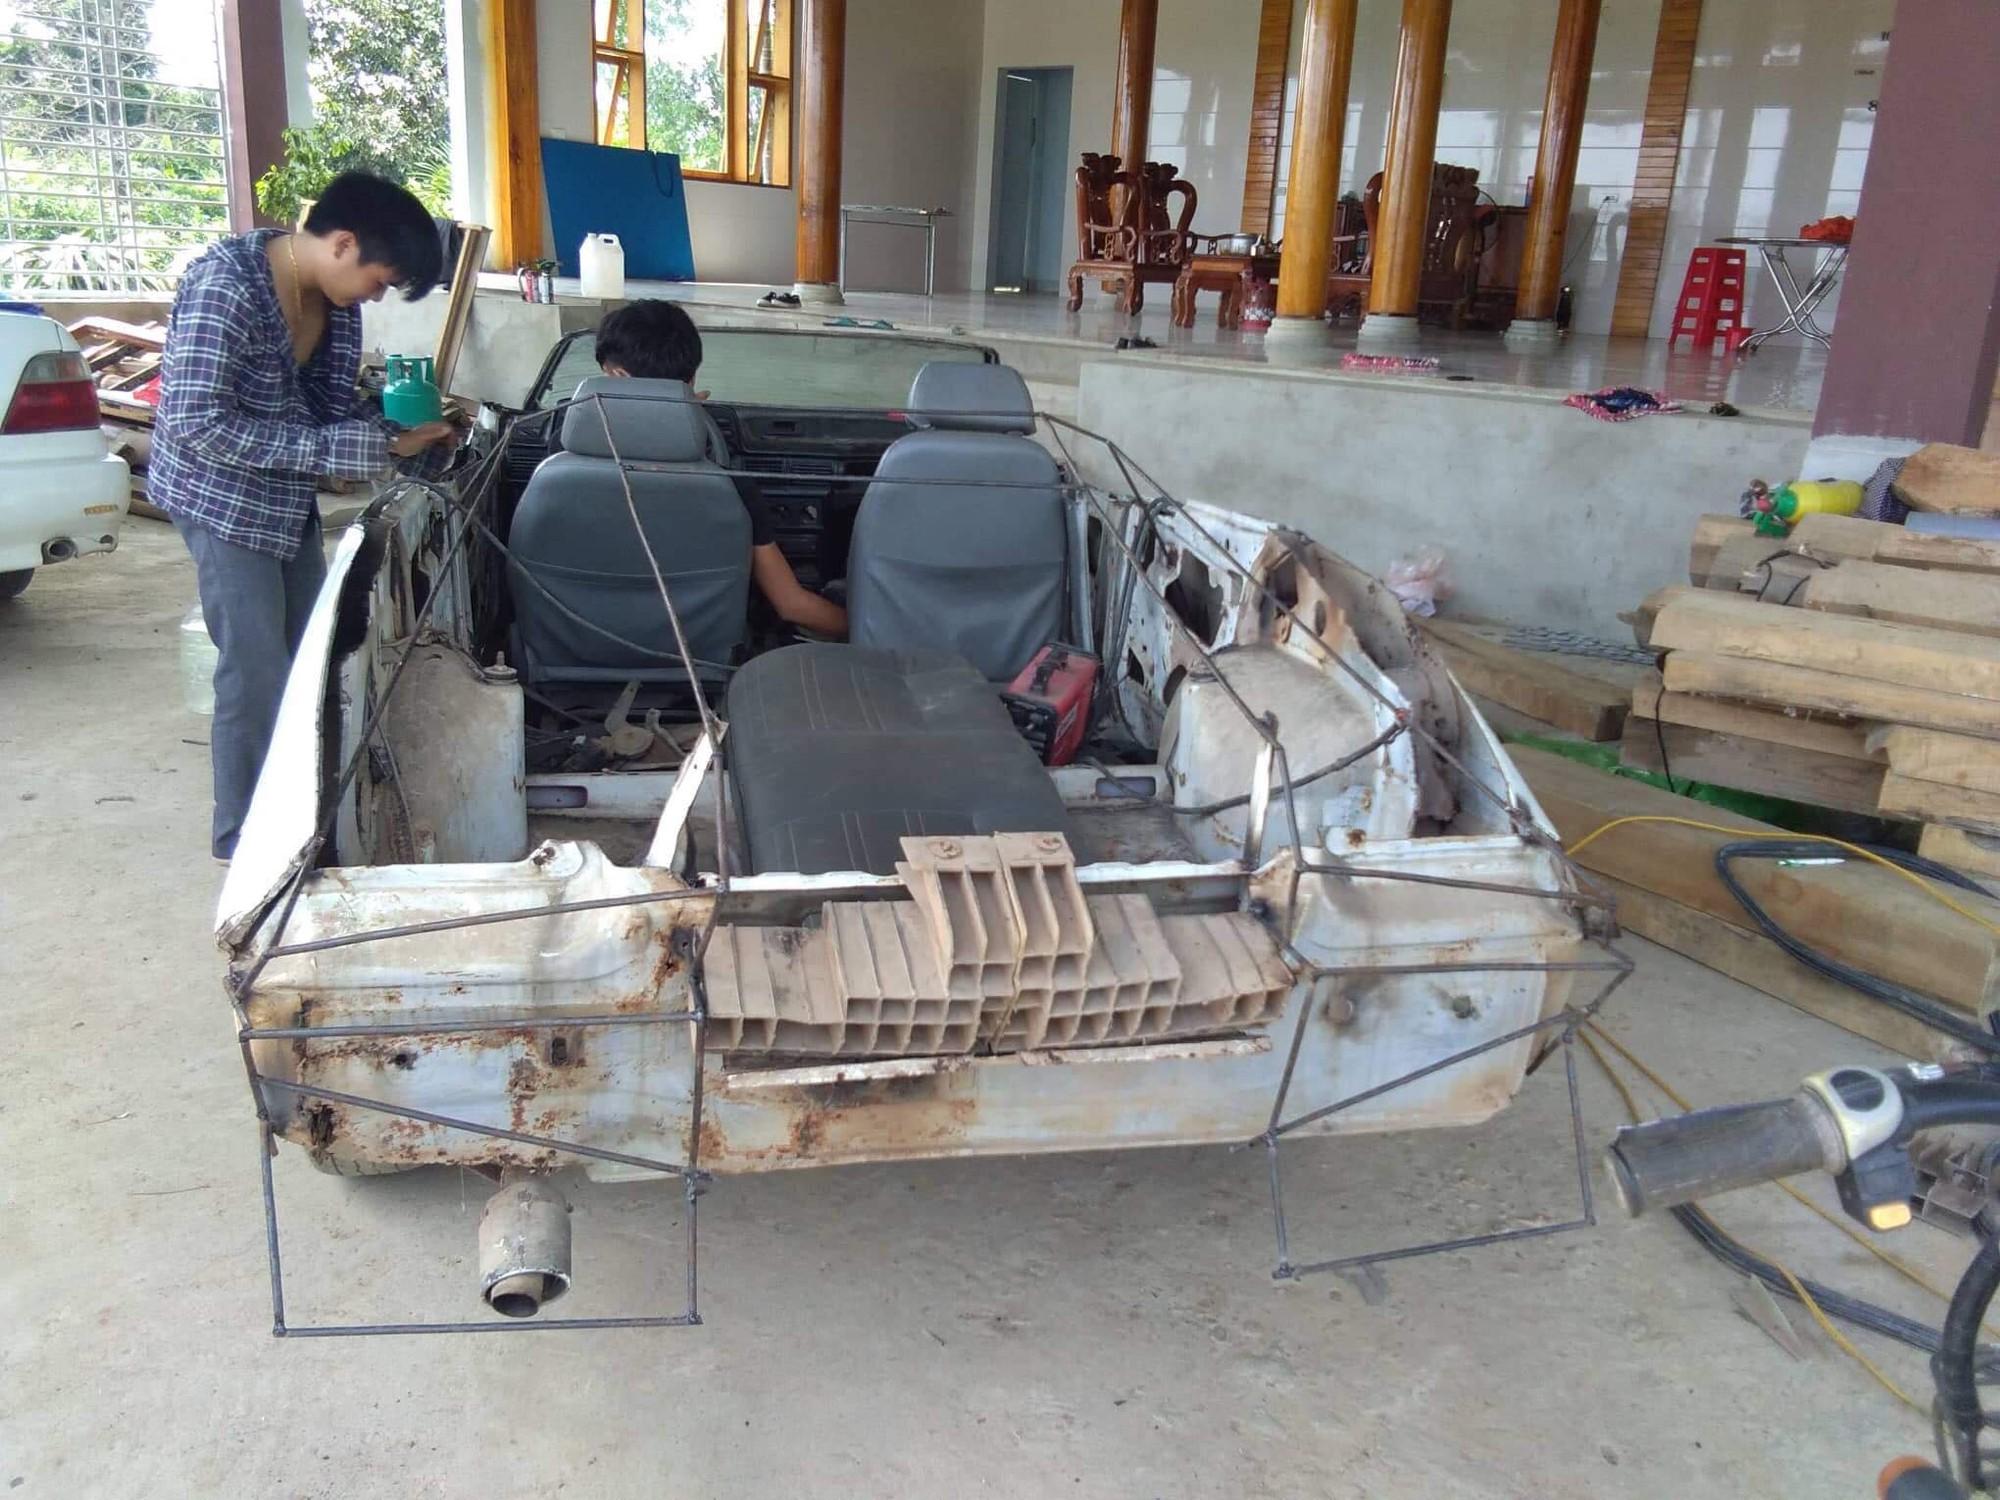 Thanh niên bỏ 60 triệu để mua chiếc ô tô đồng nát rồi chỉ mất hai tháng để biến nó thành siêu xe - Ảnh 2.